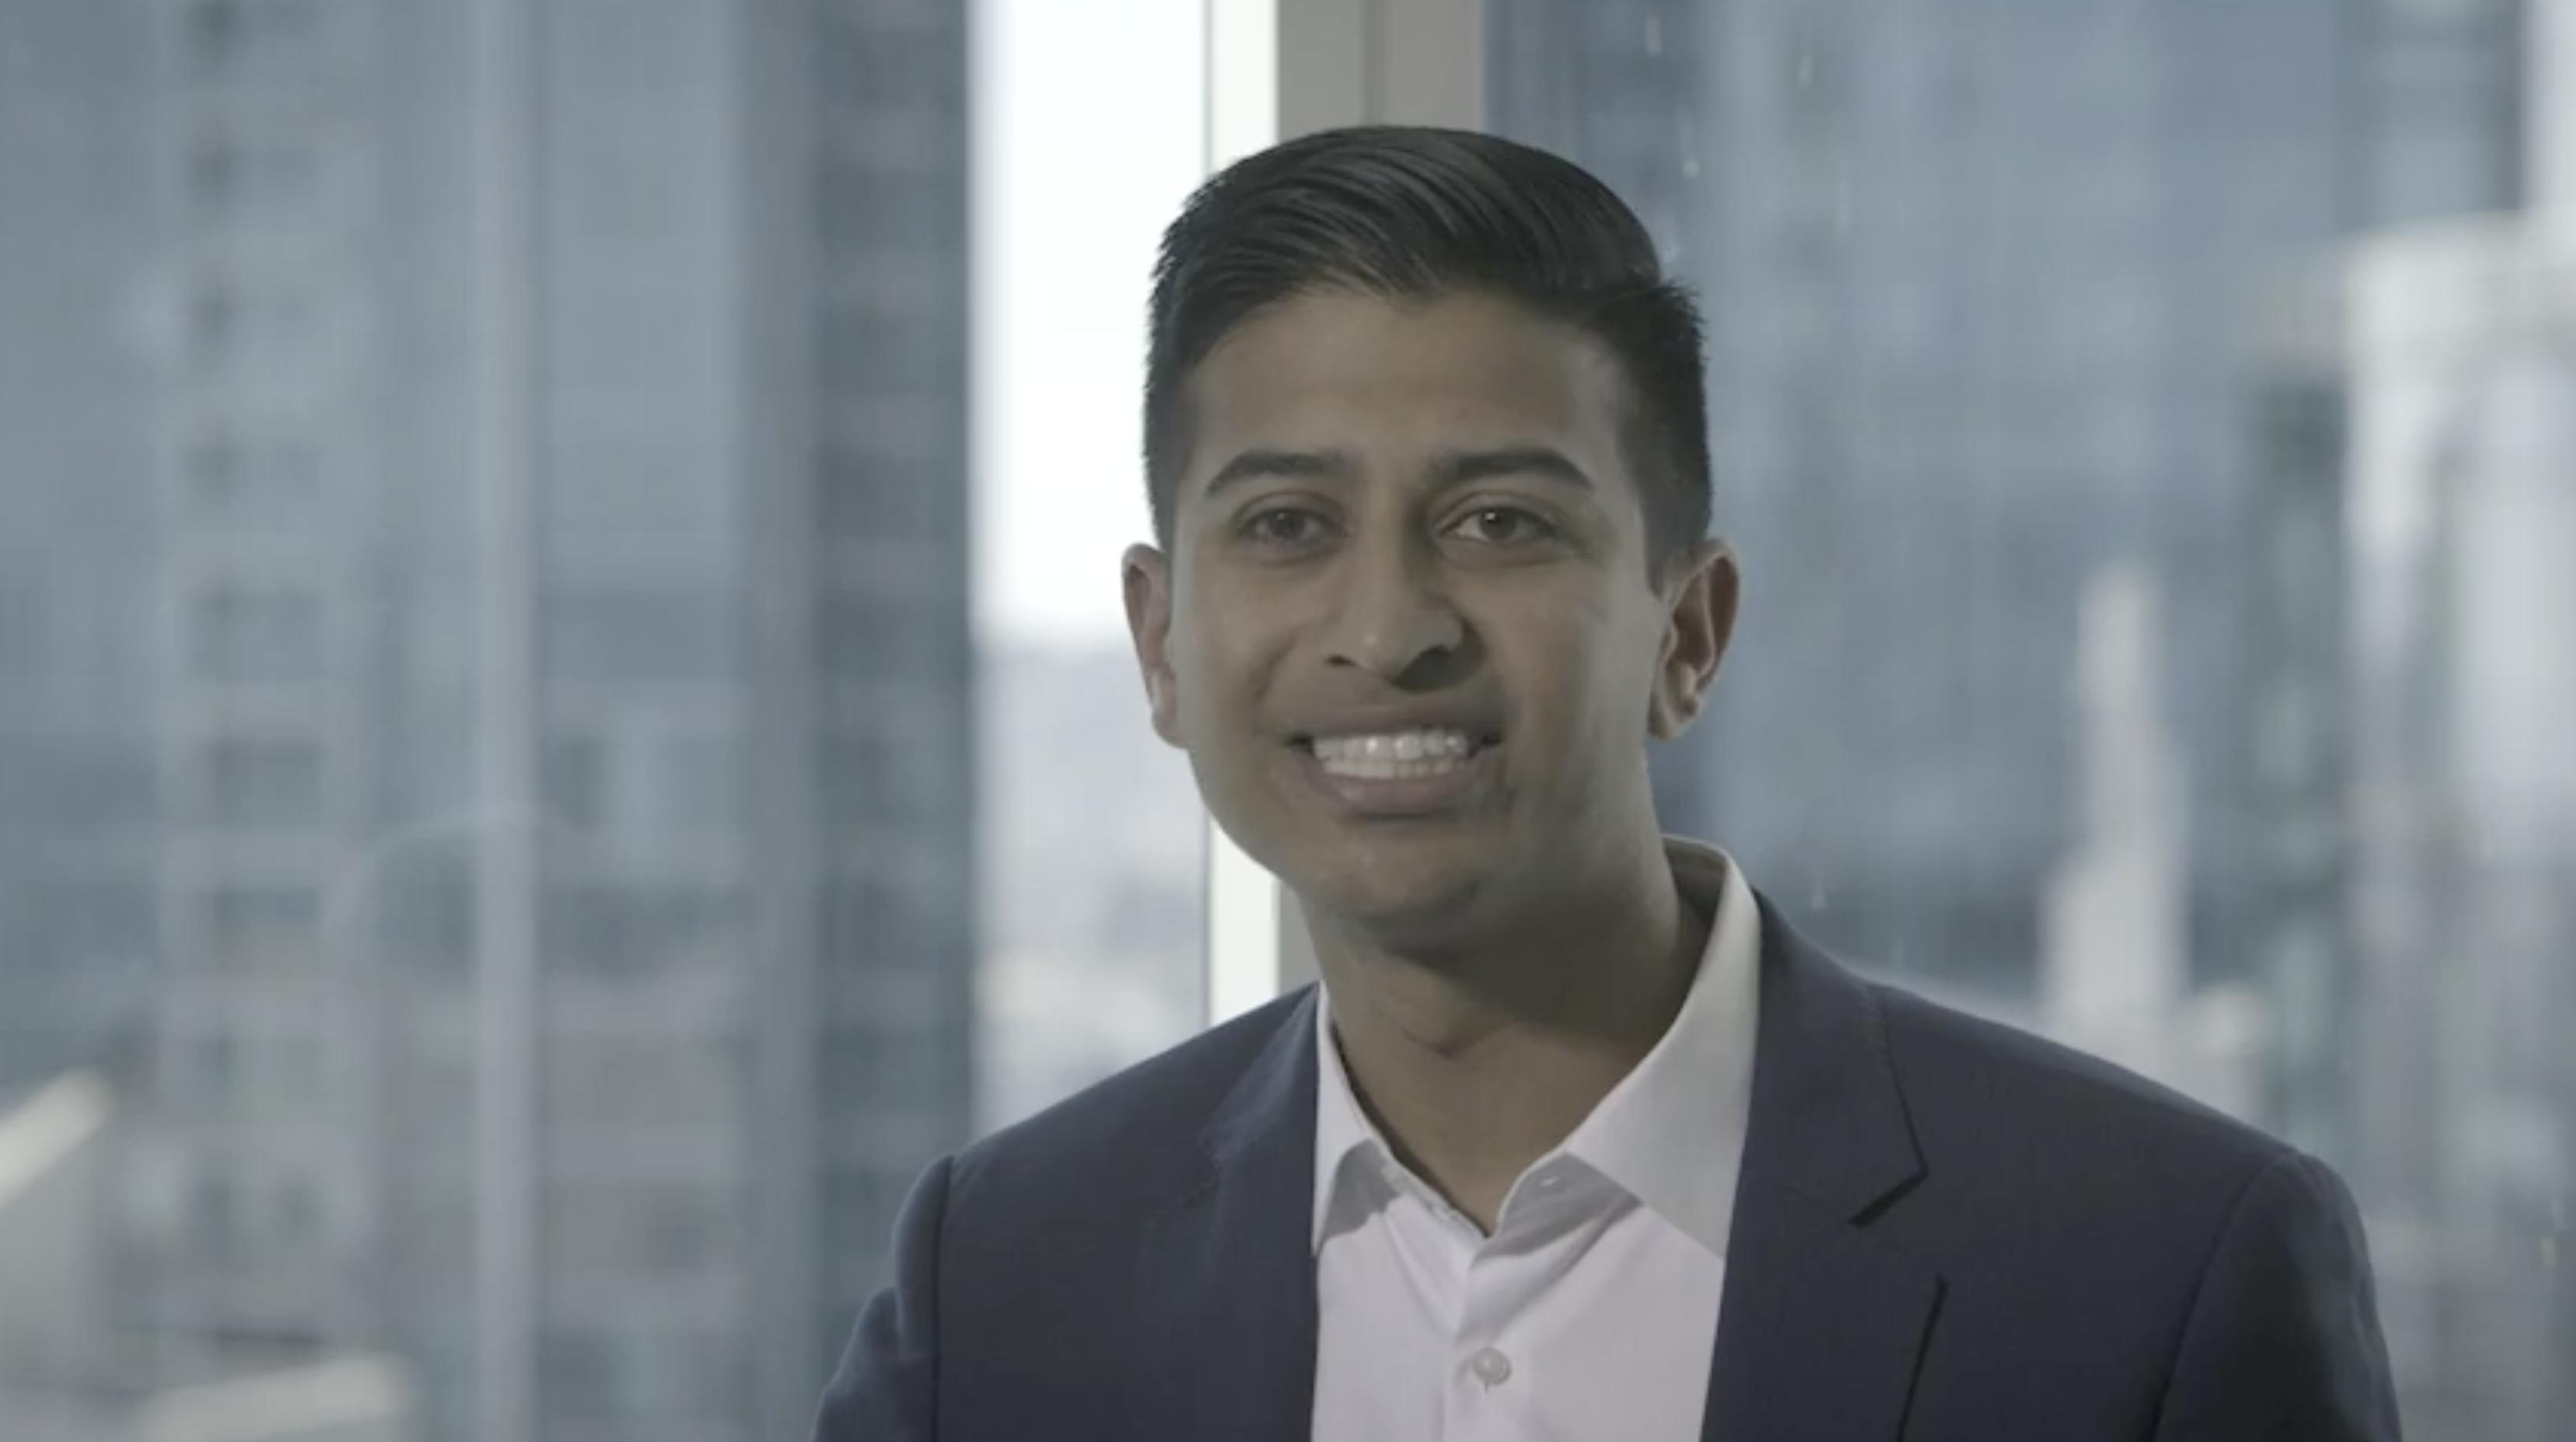 Romish Badani - Bridge CEO